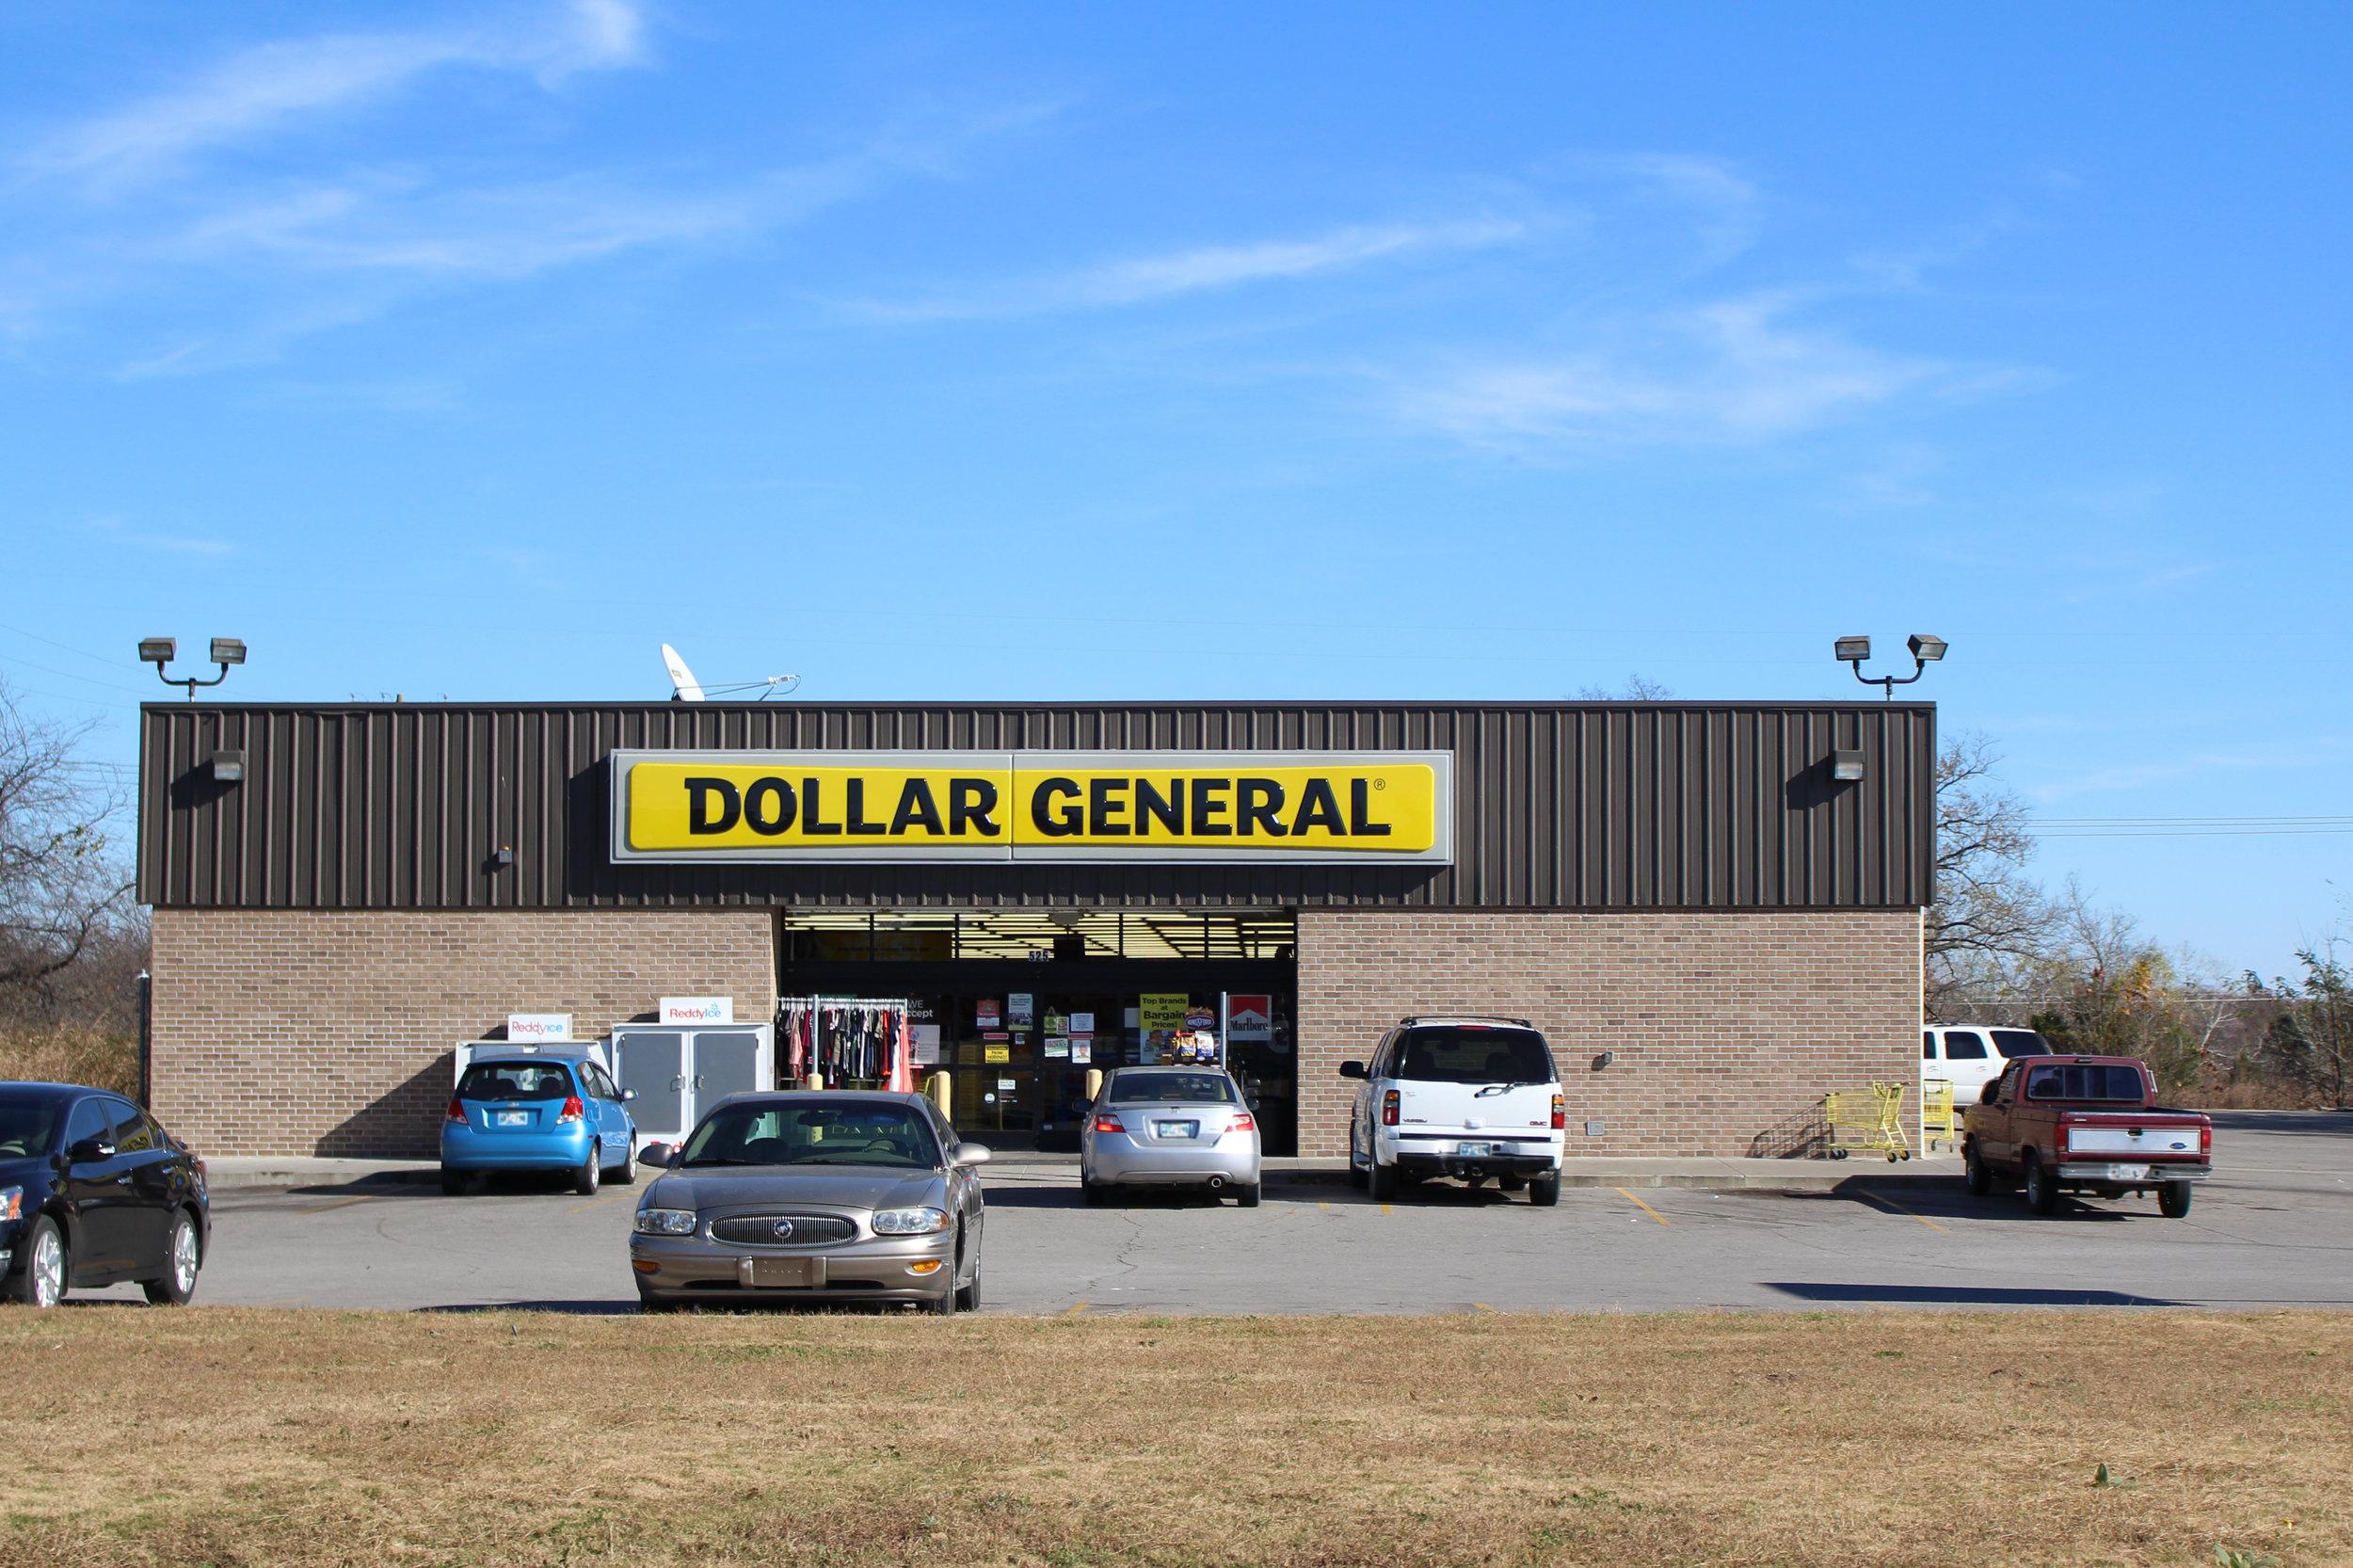 dollar general 525 south 209th west avenue